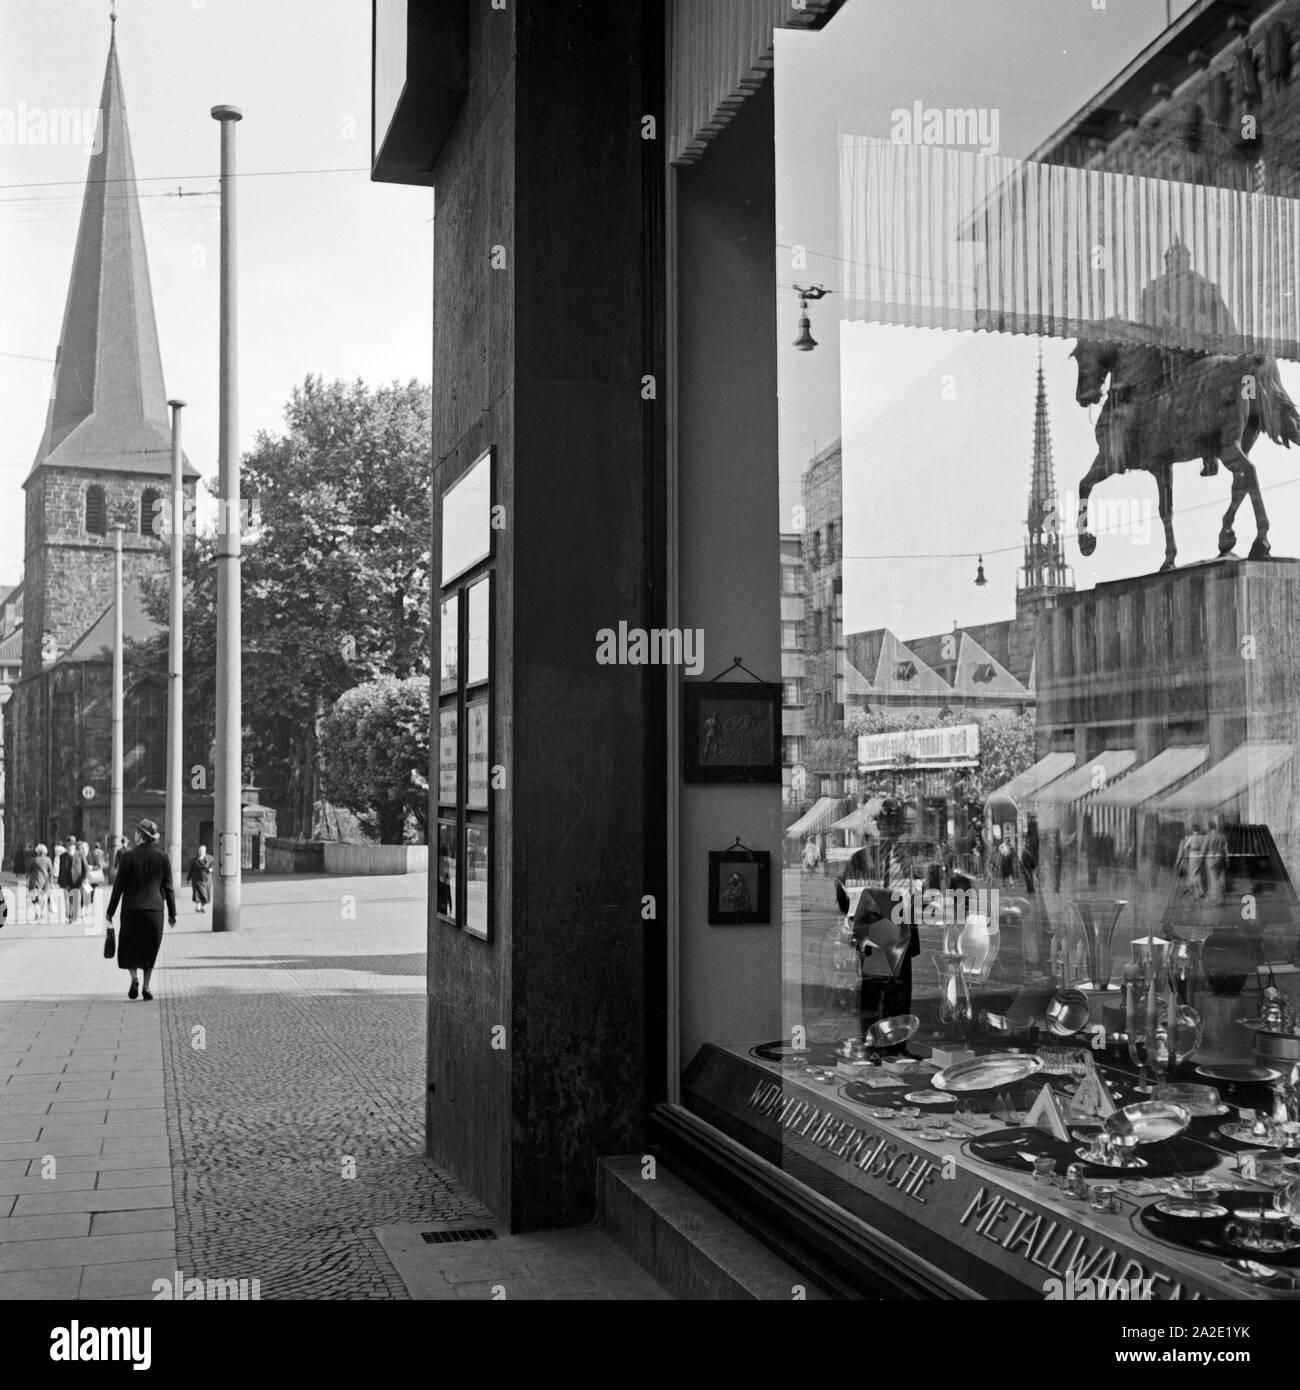 Das Denkmal von Kaiser Wilhelm I. spiegelt sich im Schaufenster eines Haushaltwarengeschäfts auf dem Burgplatz in Essen, Deutschland 1930er Jahre. Sculpture of Kaiser Wilhelm I is reflected in the window of a department store at Burgplatz square in Essen, Germany 1930s. Stock Photo